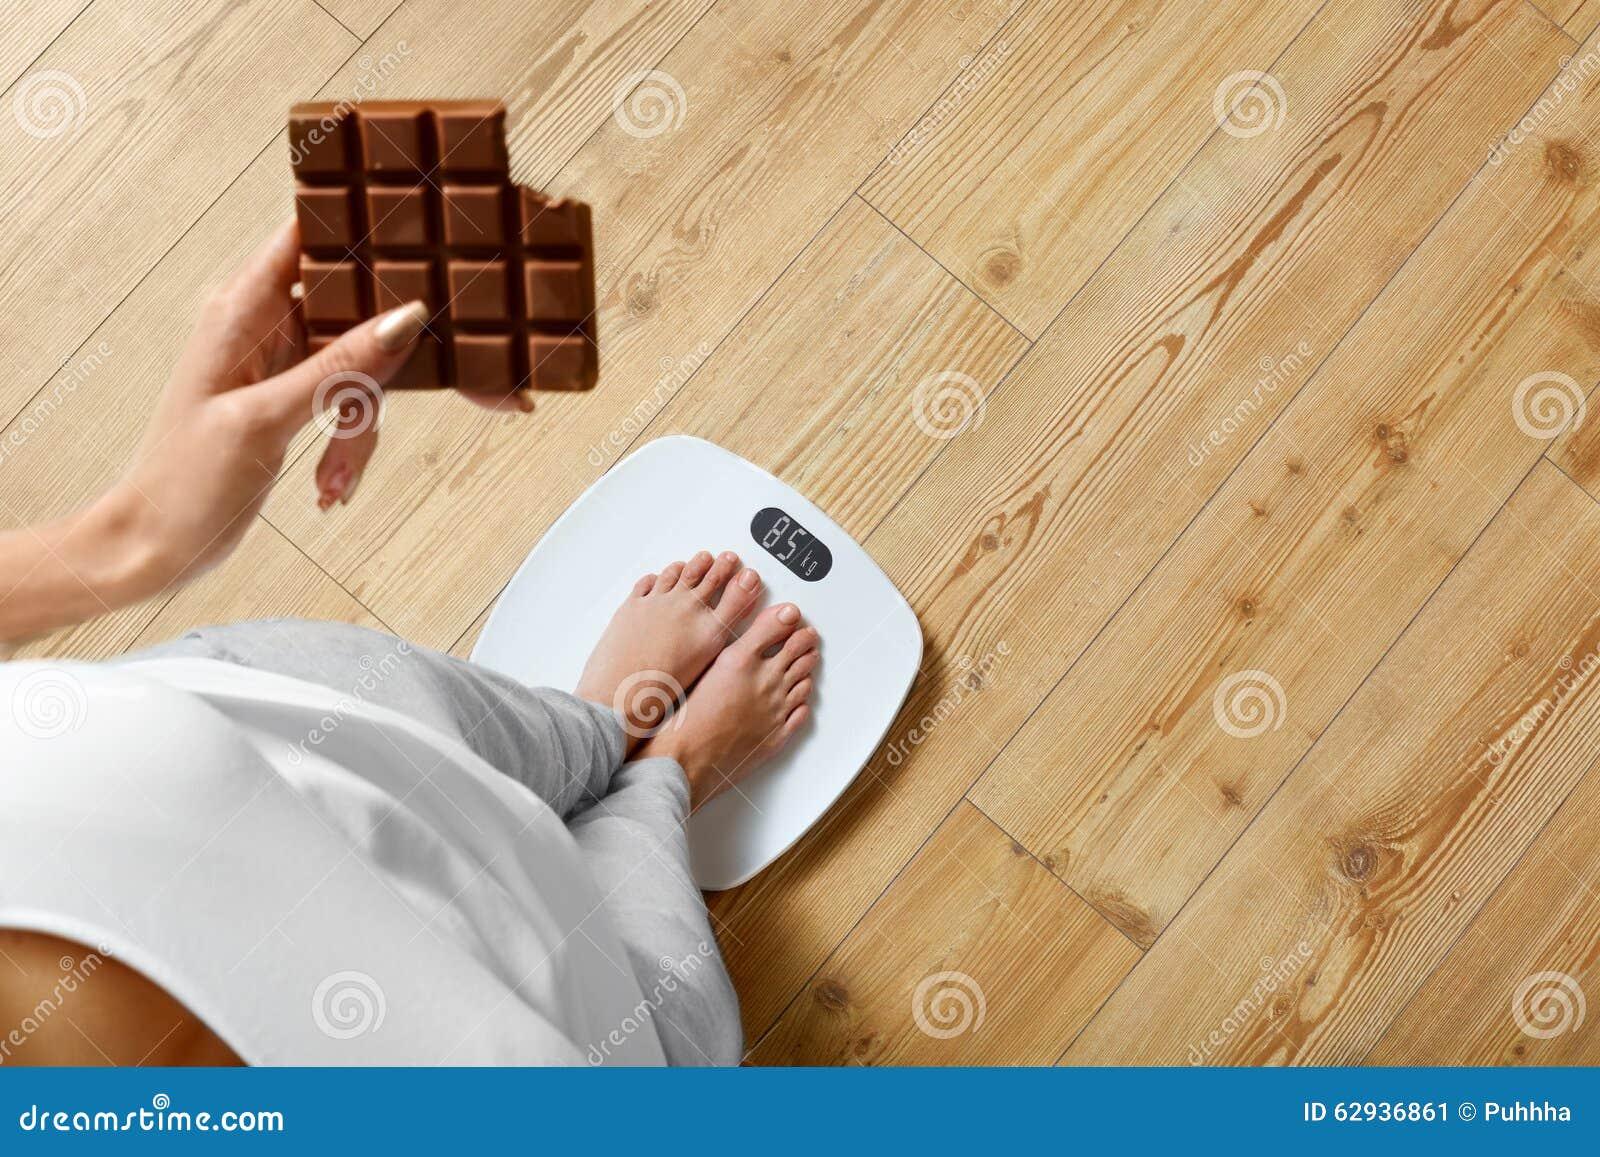 dieet vrouw calorieen